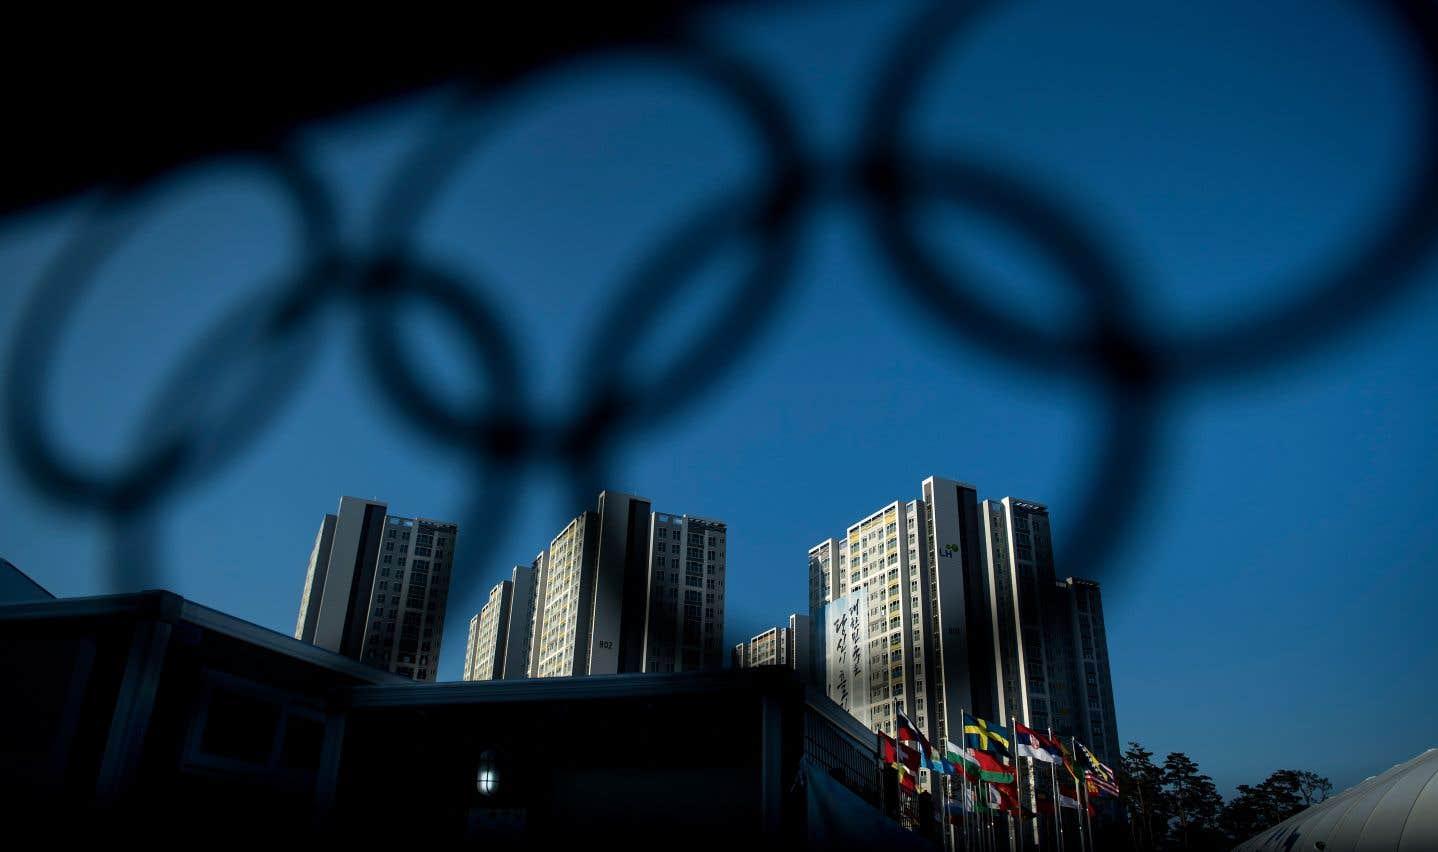 Il s'agitdu quatrième cas de dopage à ces Jeux.